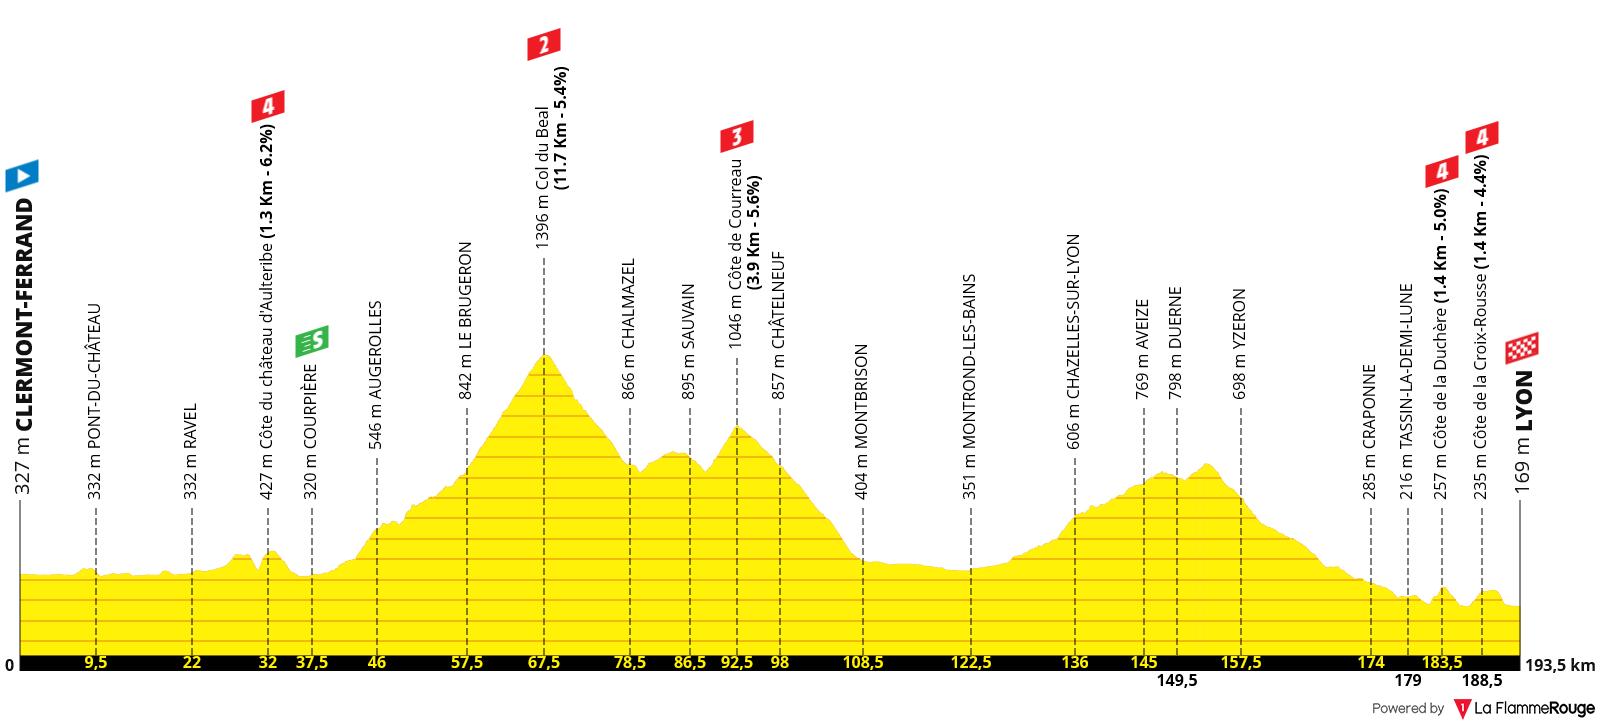 Perfil Etapa 14 - Tour de Francia 2020 - Clermont-Ferrand Lyon 197km